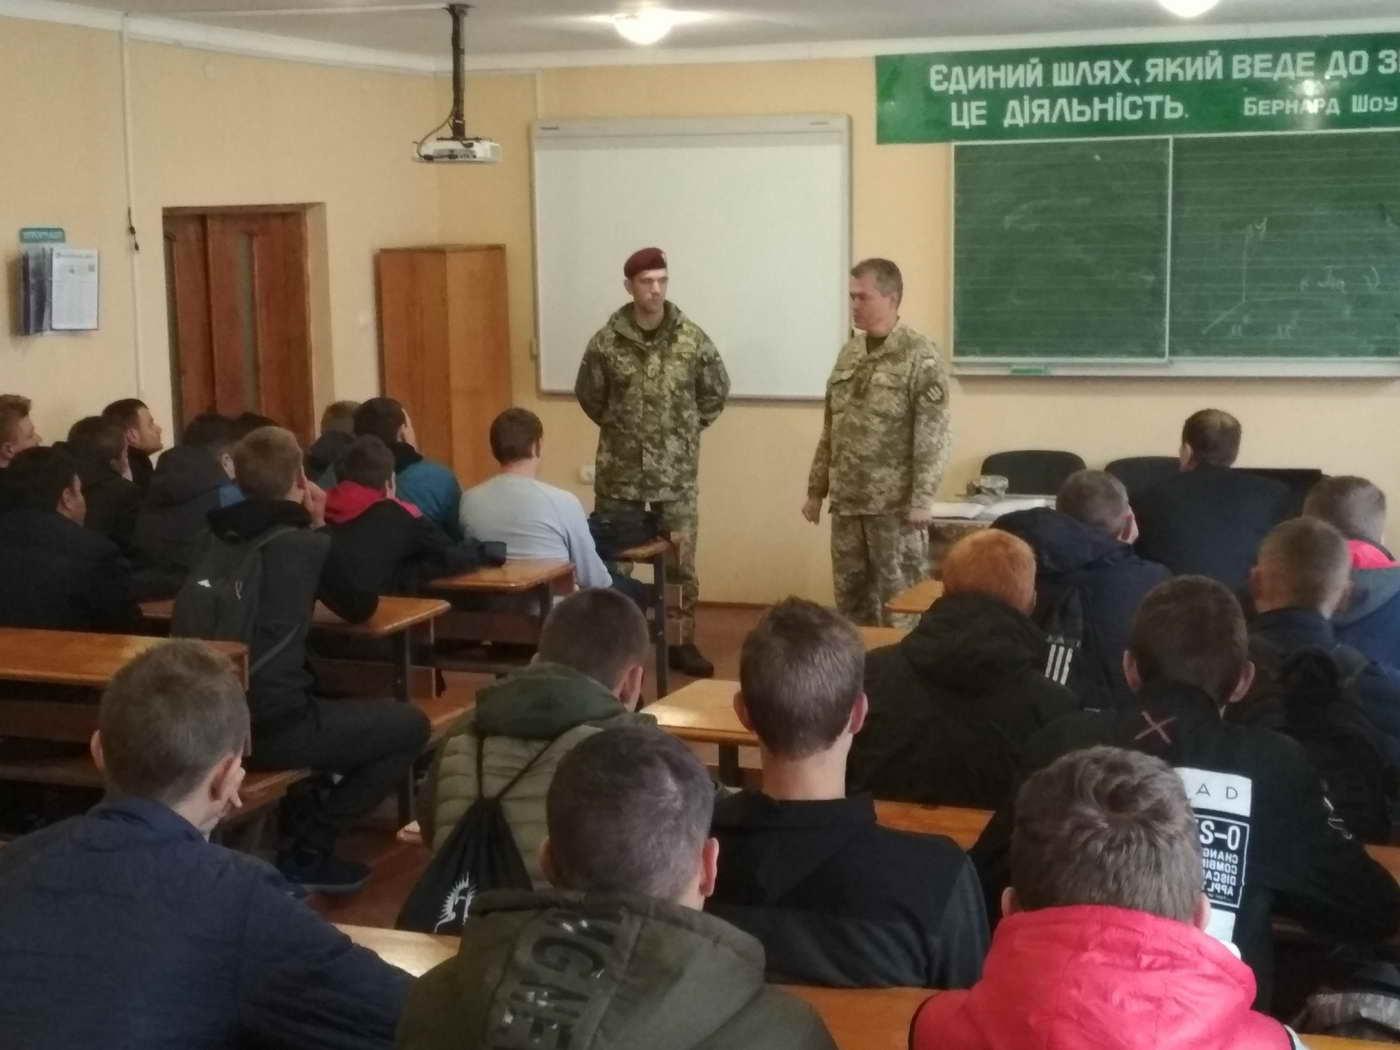 Випускники ліцею (хлопці) зустрілися з представником військової частини А0284